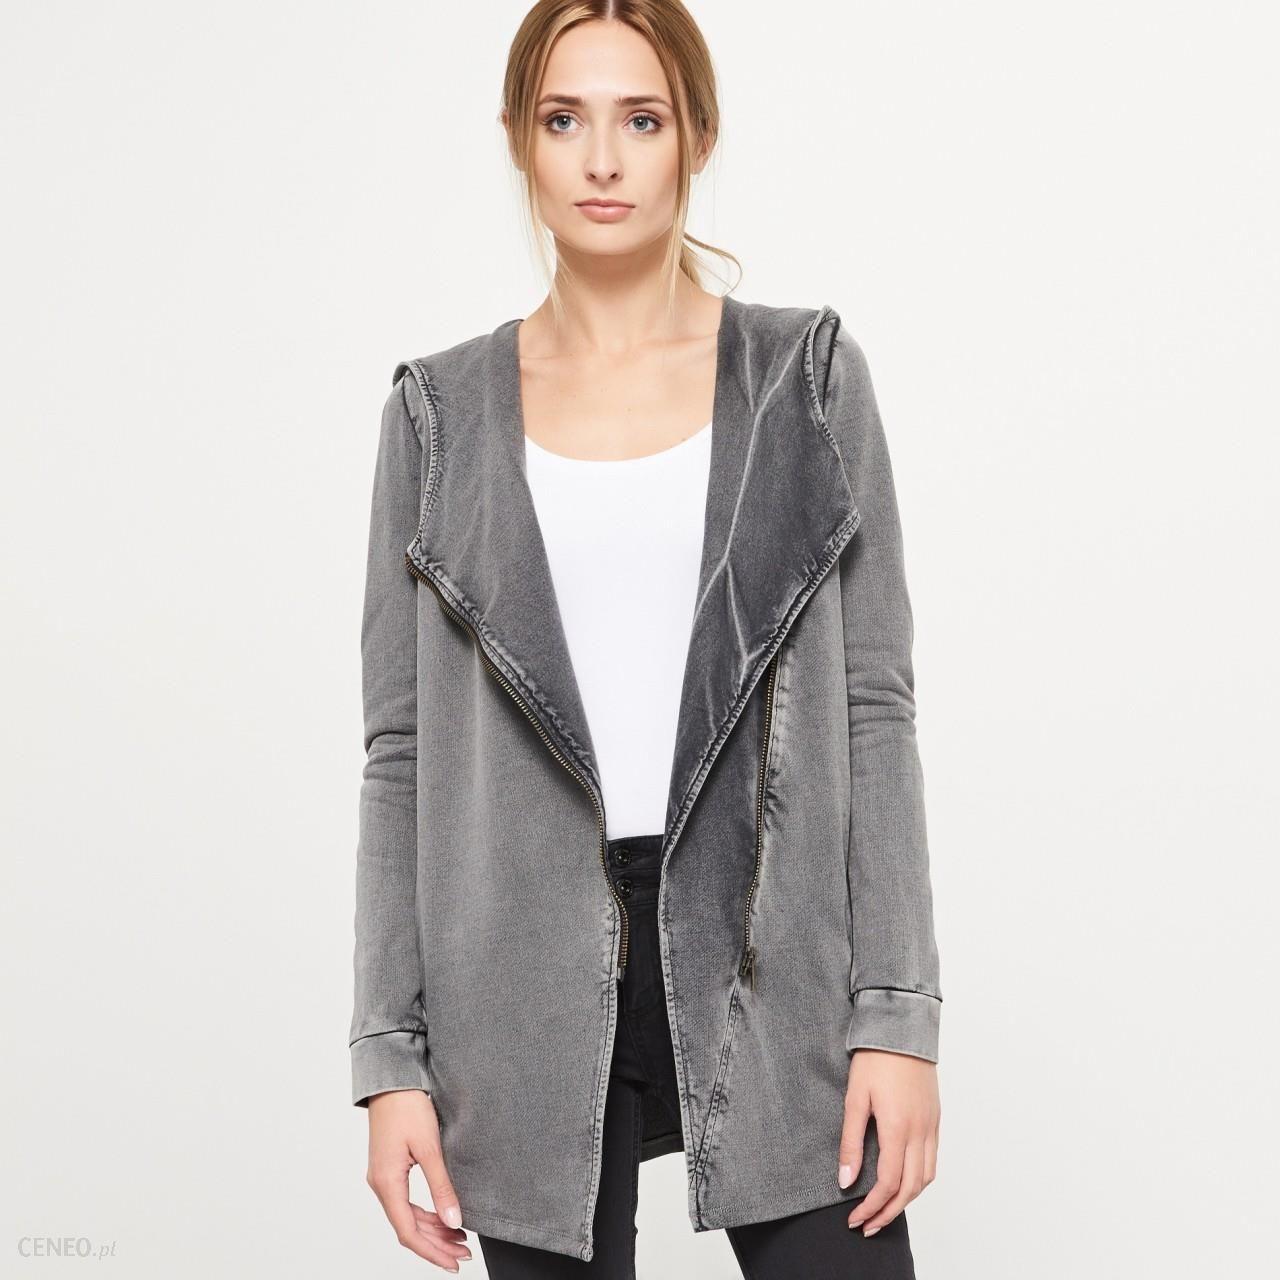 f2e55e2d0cb83b Asymetryczna bluza yfl - Reserved - Szary - damska - Ceny i opinie ...